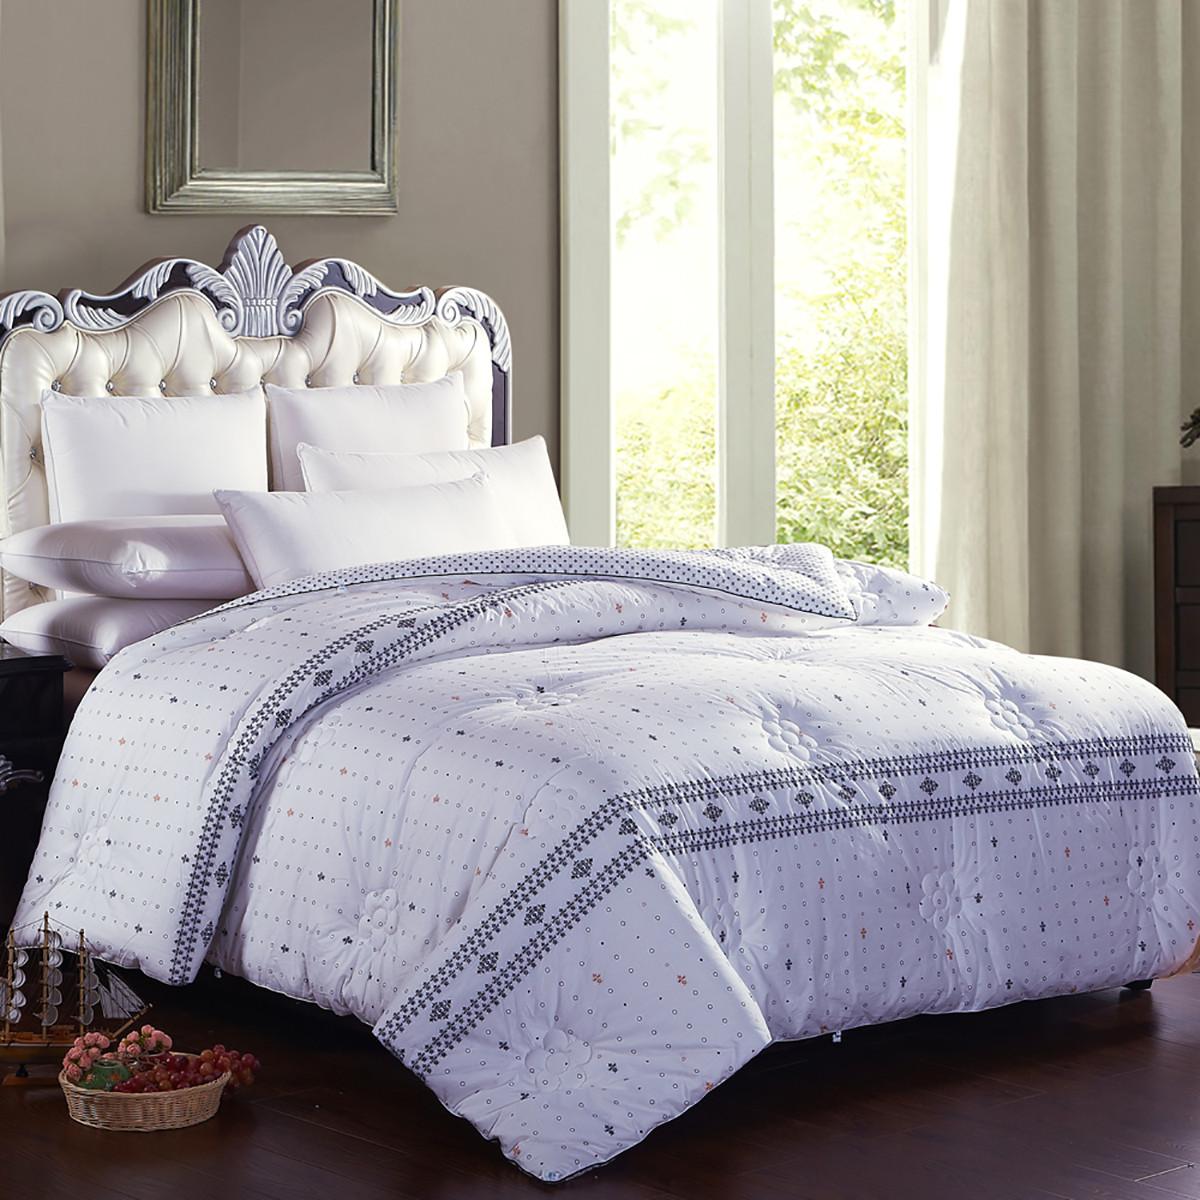 大红大紫全棉棉花春秋被子冬被8斤保暖全棉被套100%棉花被芯COLOR真爱永恒